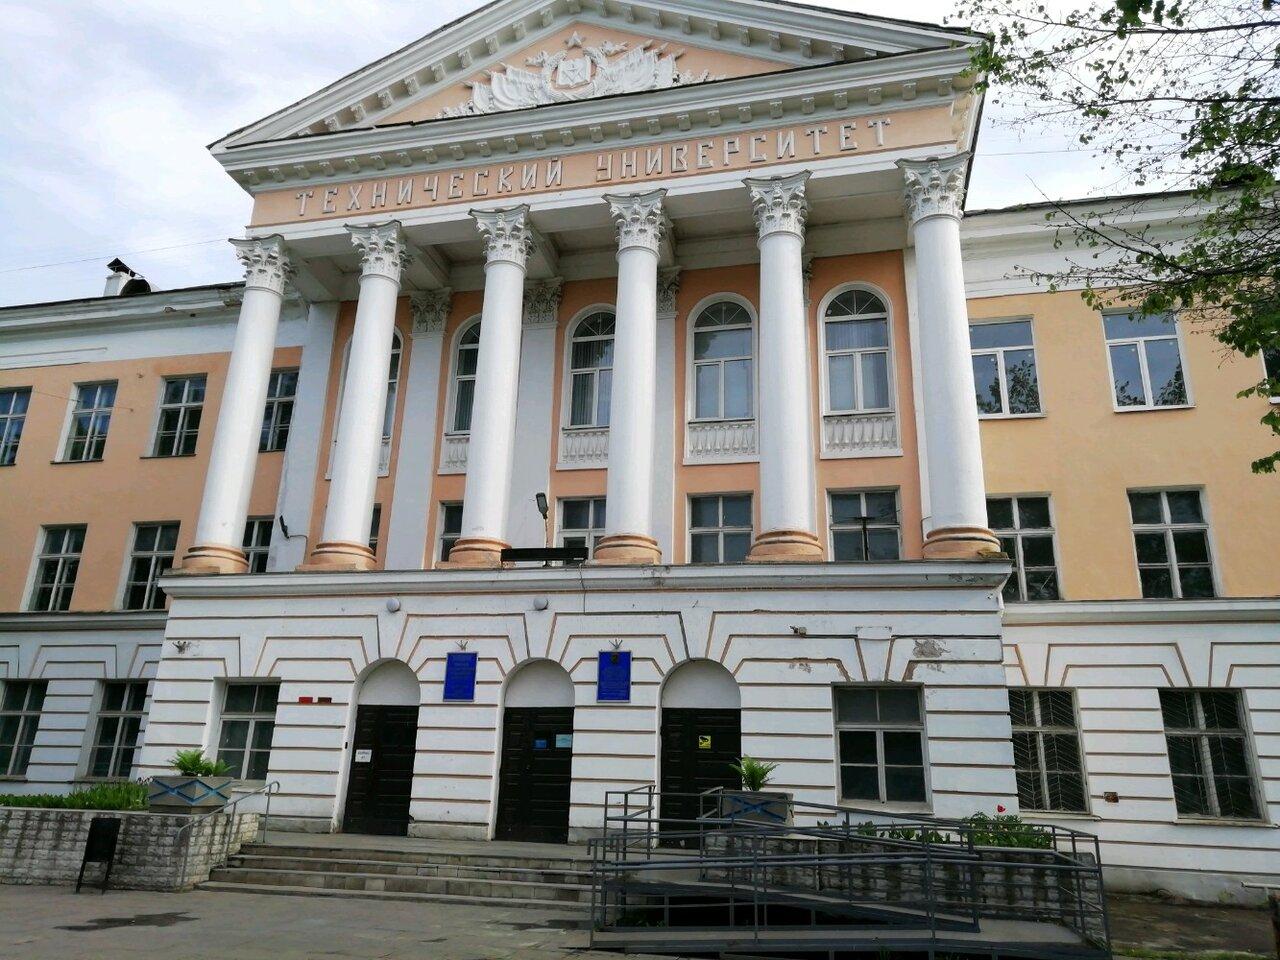 Тверской государственный технический университет впервые попал в международный рейтинг Scimago